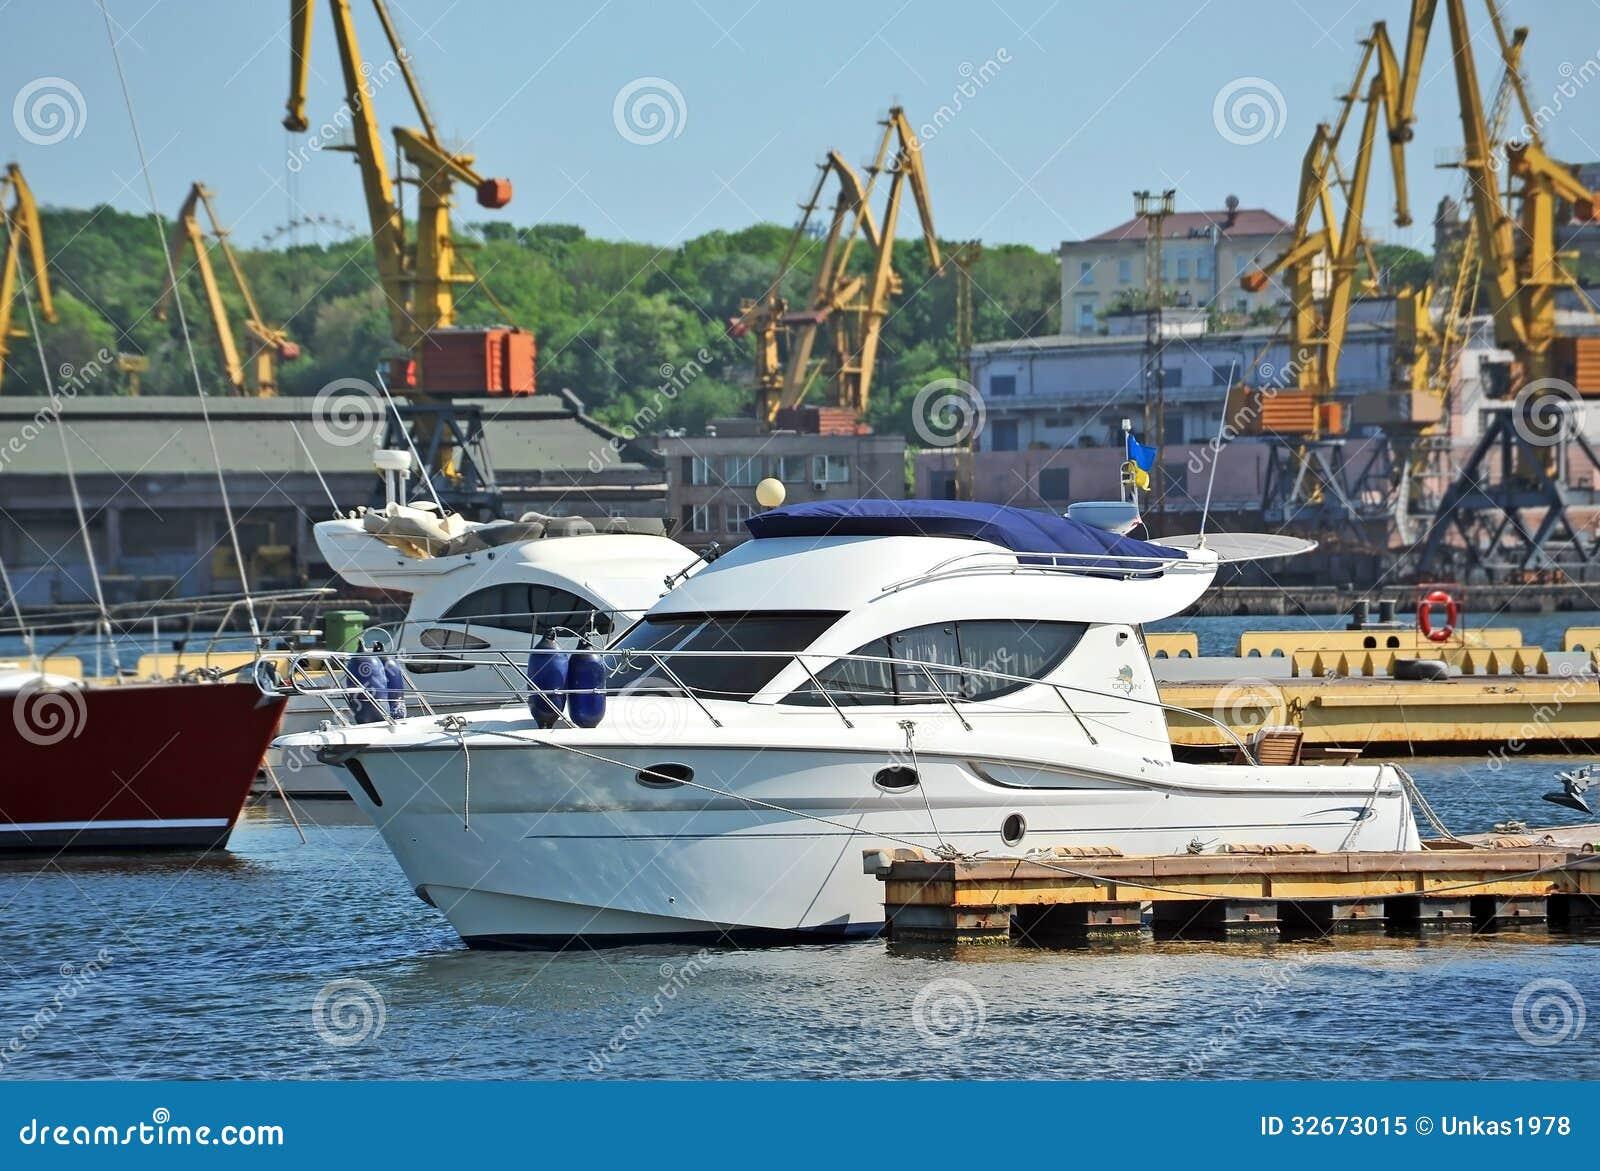 White Motor Yacht Royalty Free Stock Photo Image 32673015